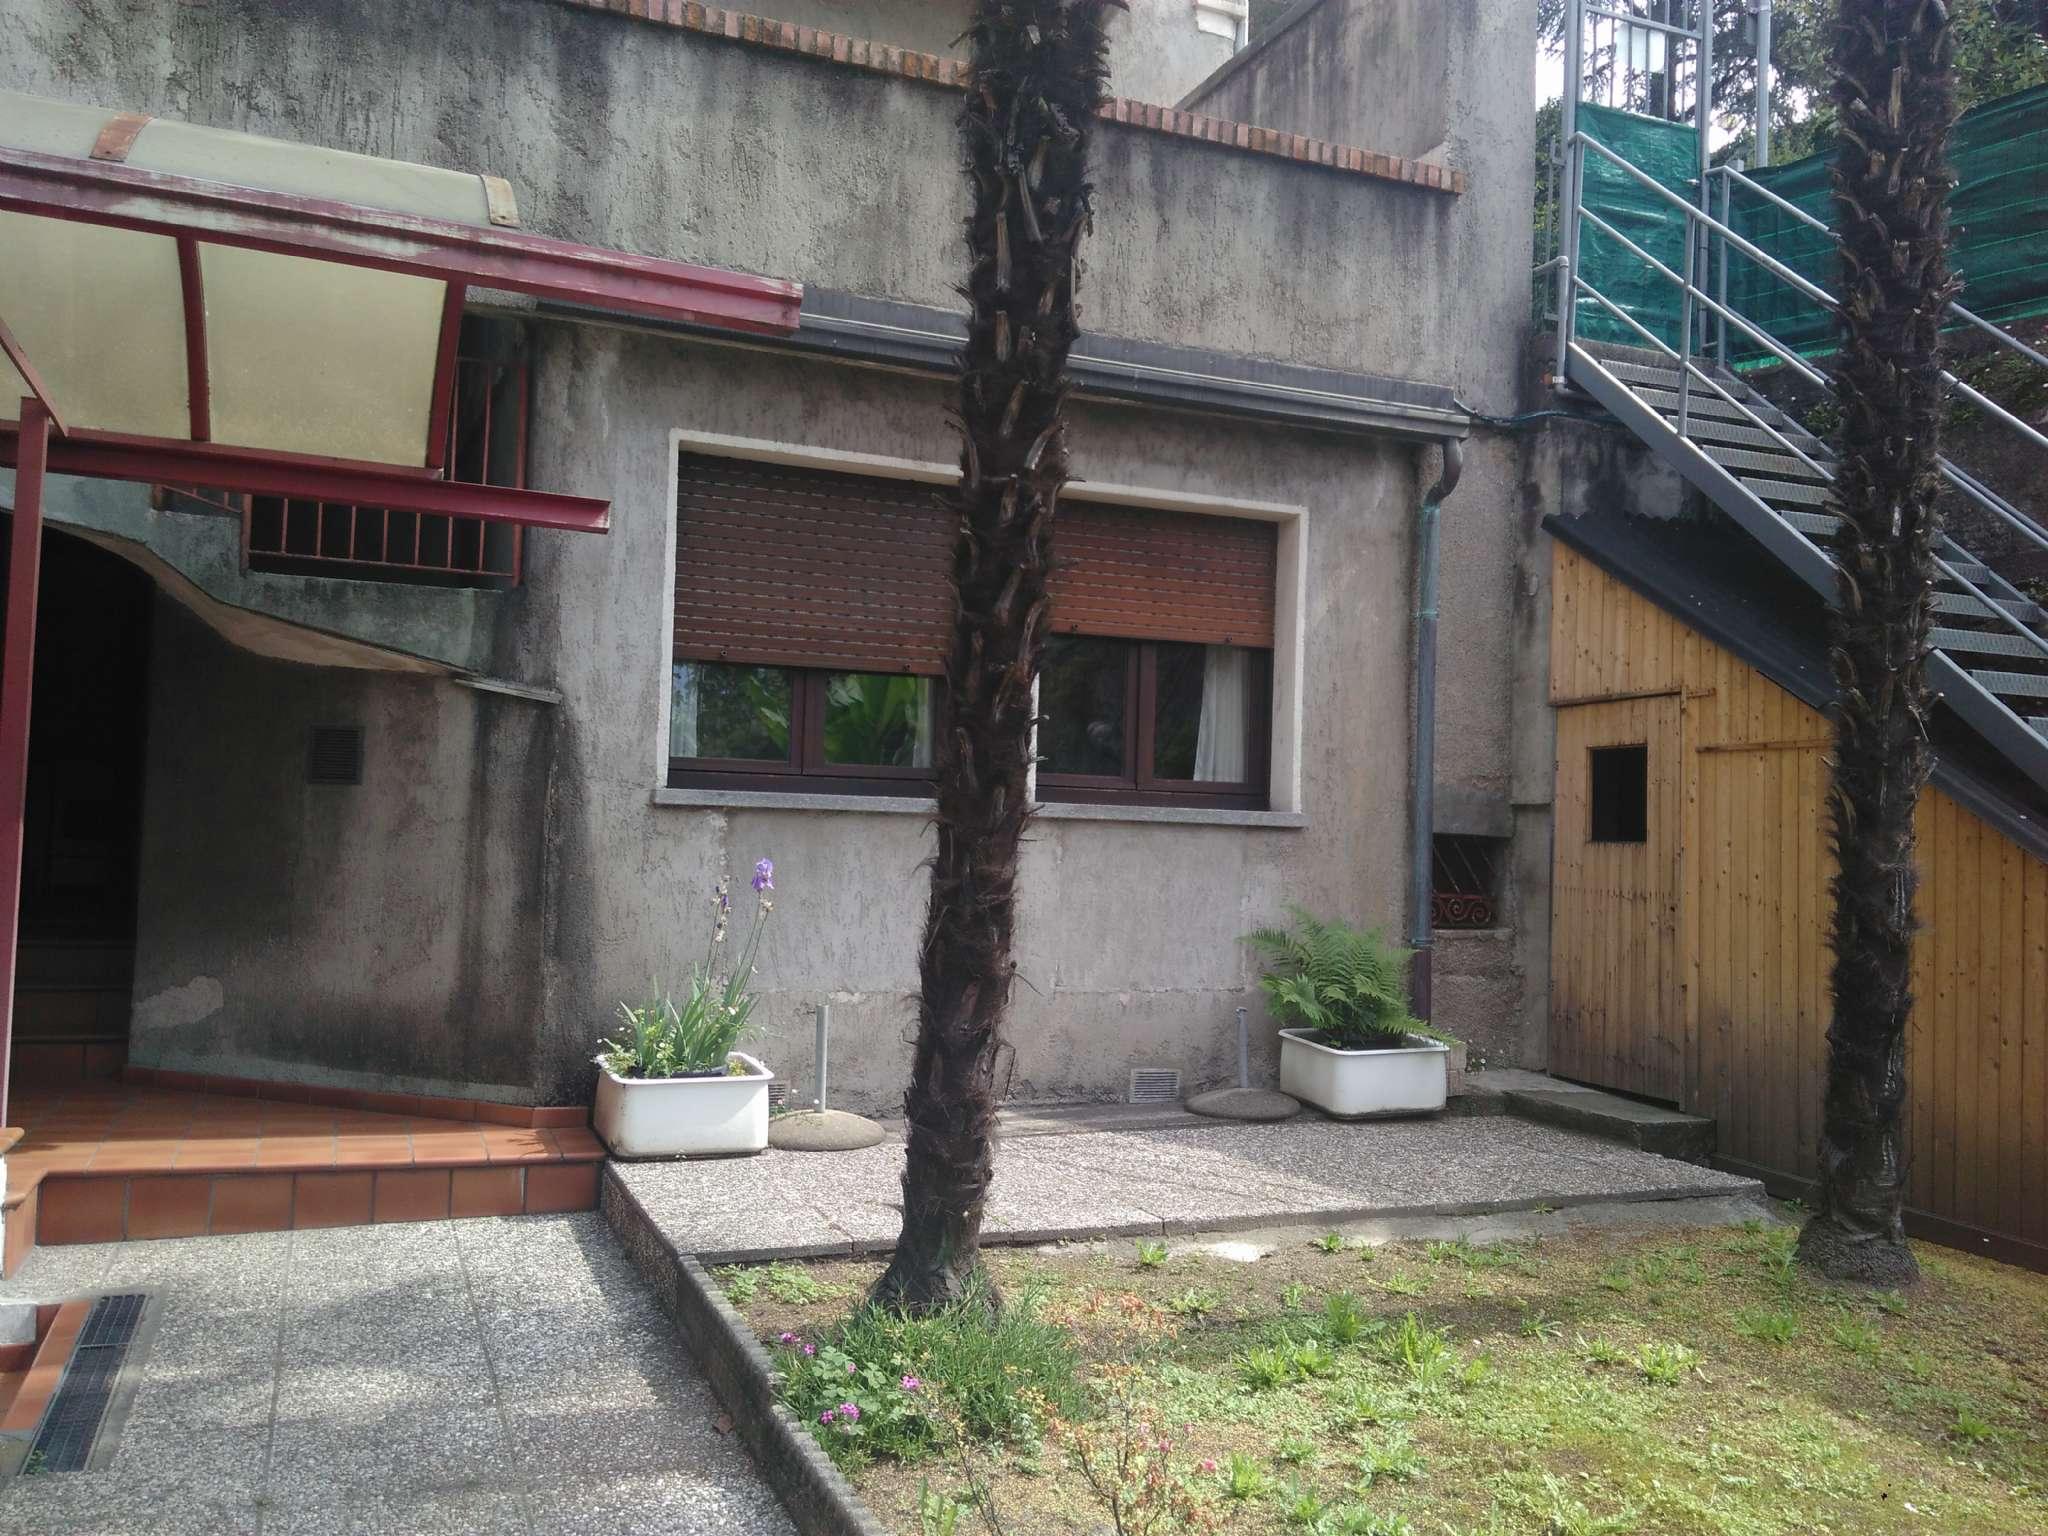 Appartamento in vendita a Luino, 2 locali, prezzo € 40.000 | PortaleAgenzieImmobiliari.it